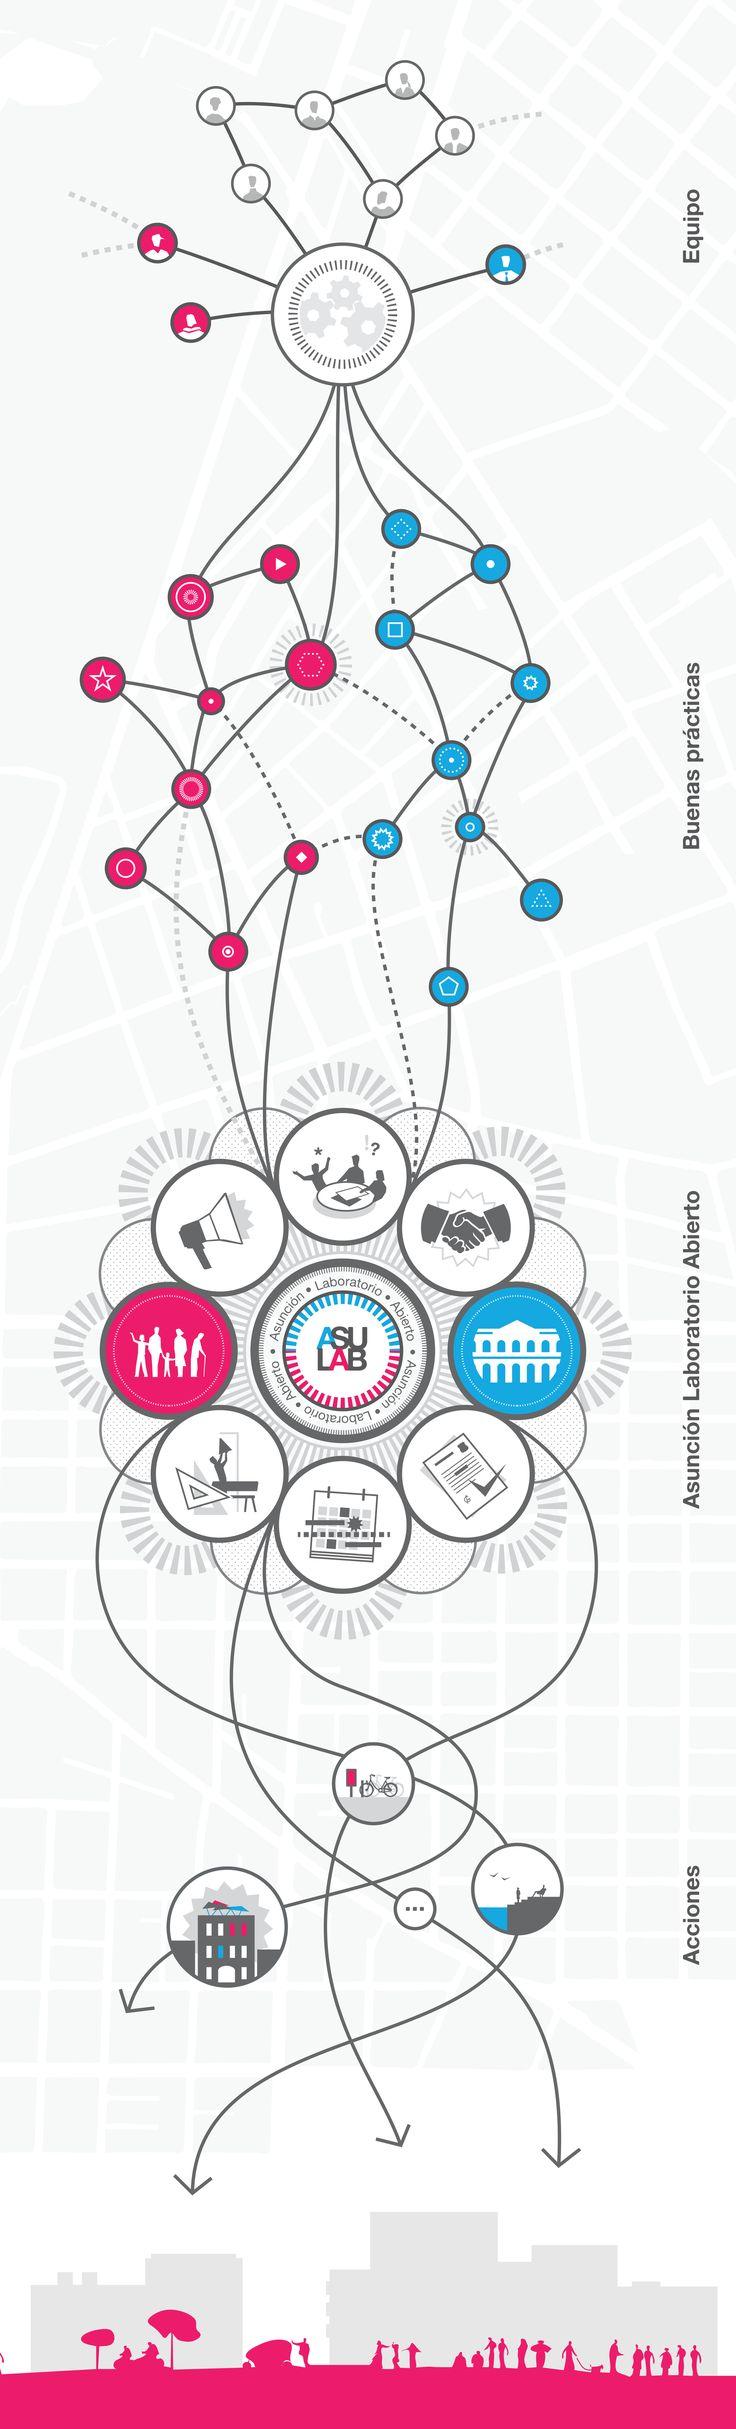 Ecosistema Urbano nos presenta la propuesta ganadora del Plan CHA en Asunción,Diagrama resumen de los distintos ámbitos y líneas de trabajo para la regeneración del CHA, relacionado con experiencias a nivel internacional y local.. Image © Ecosistema Urbano